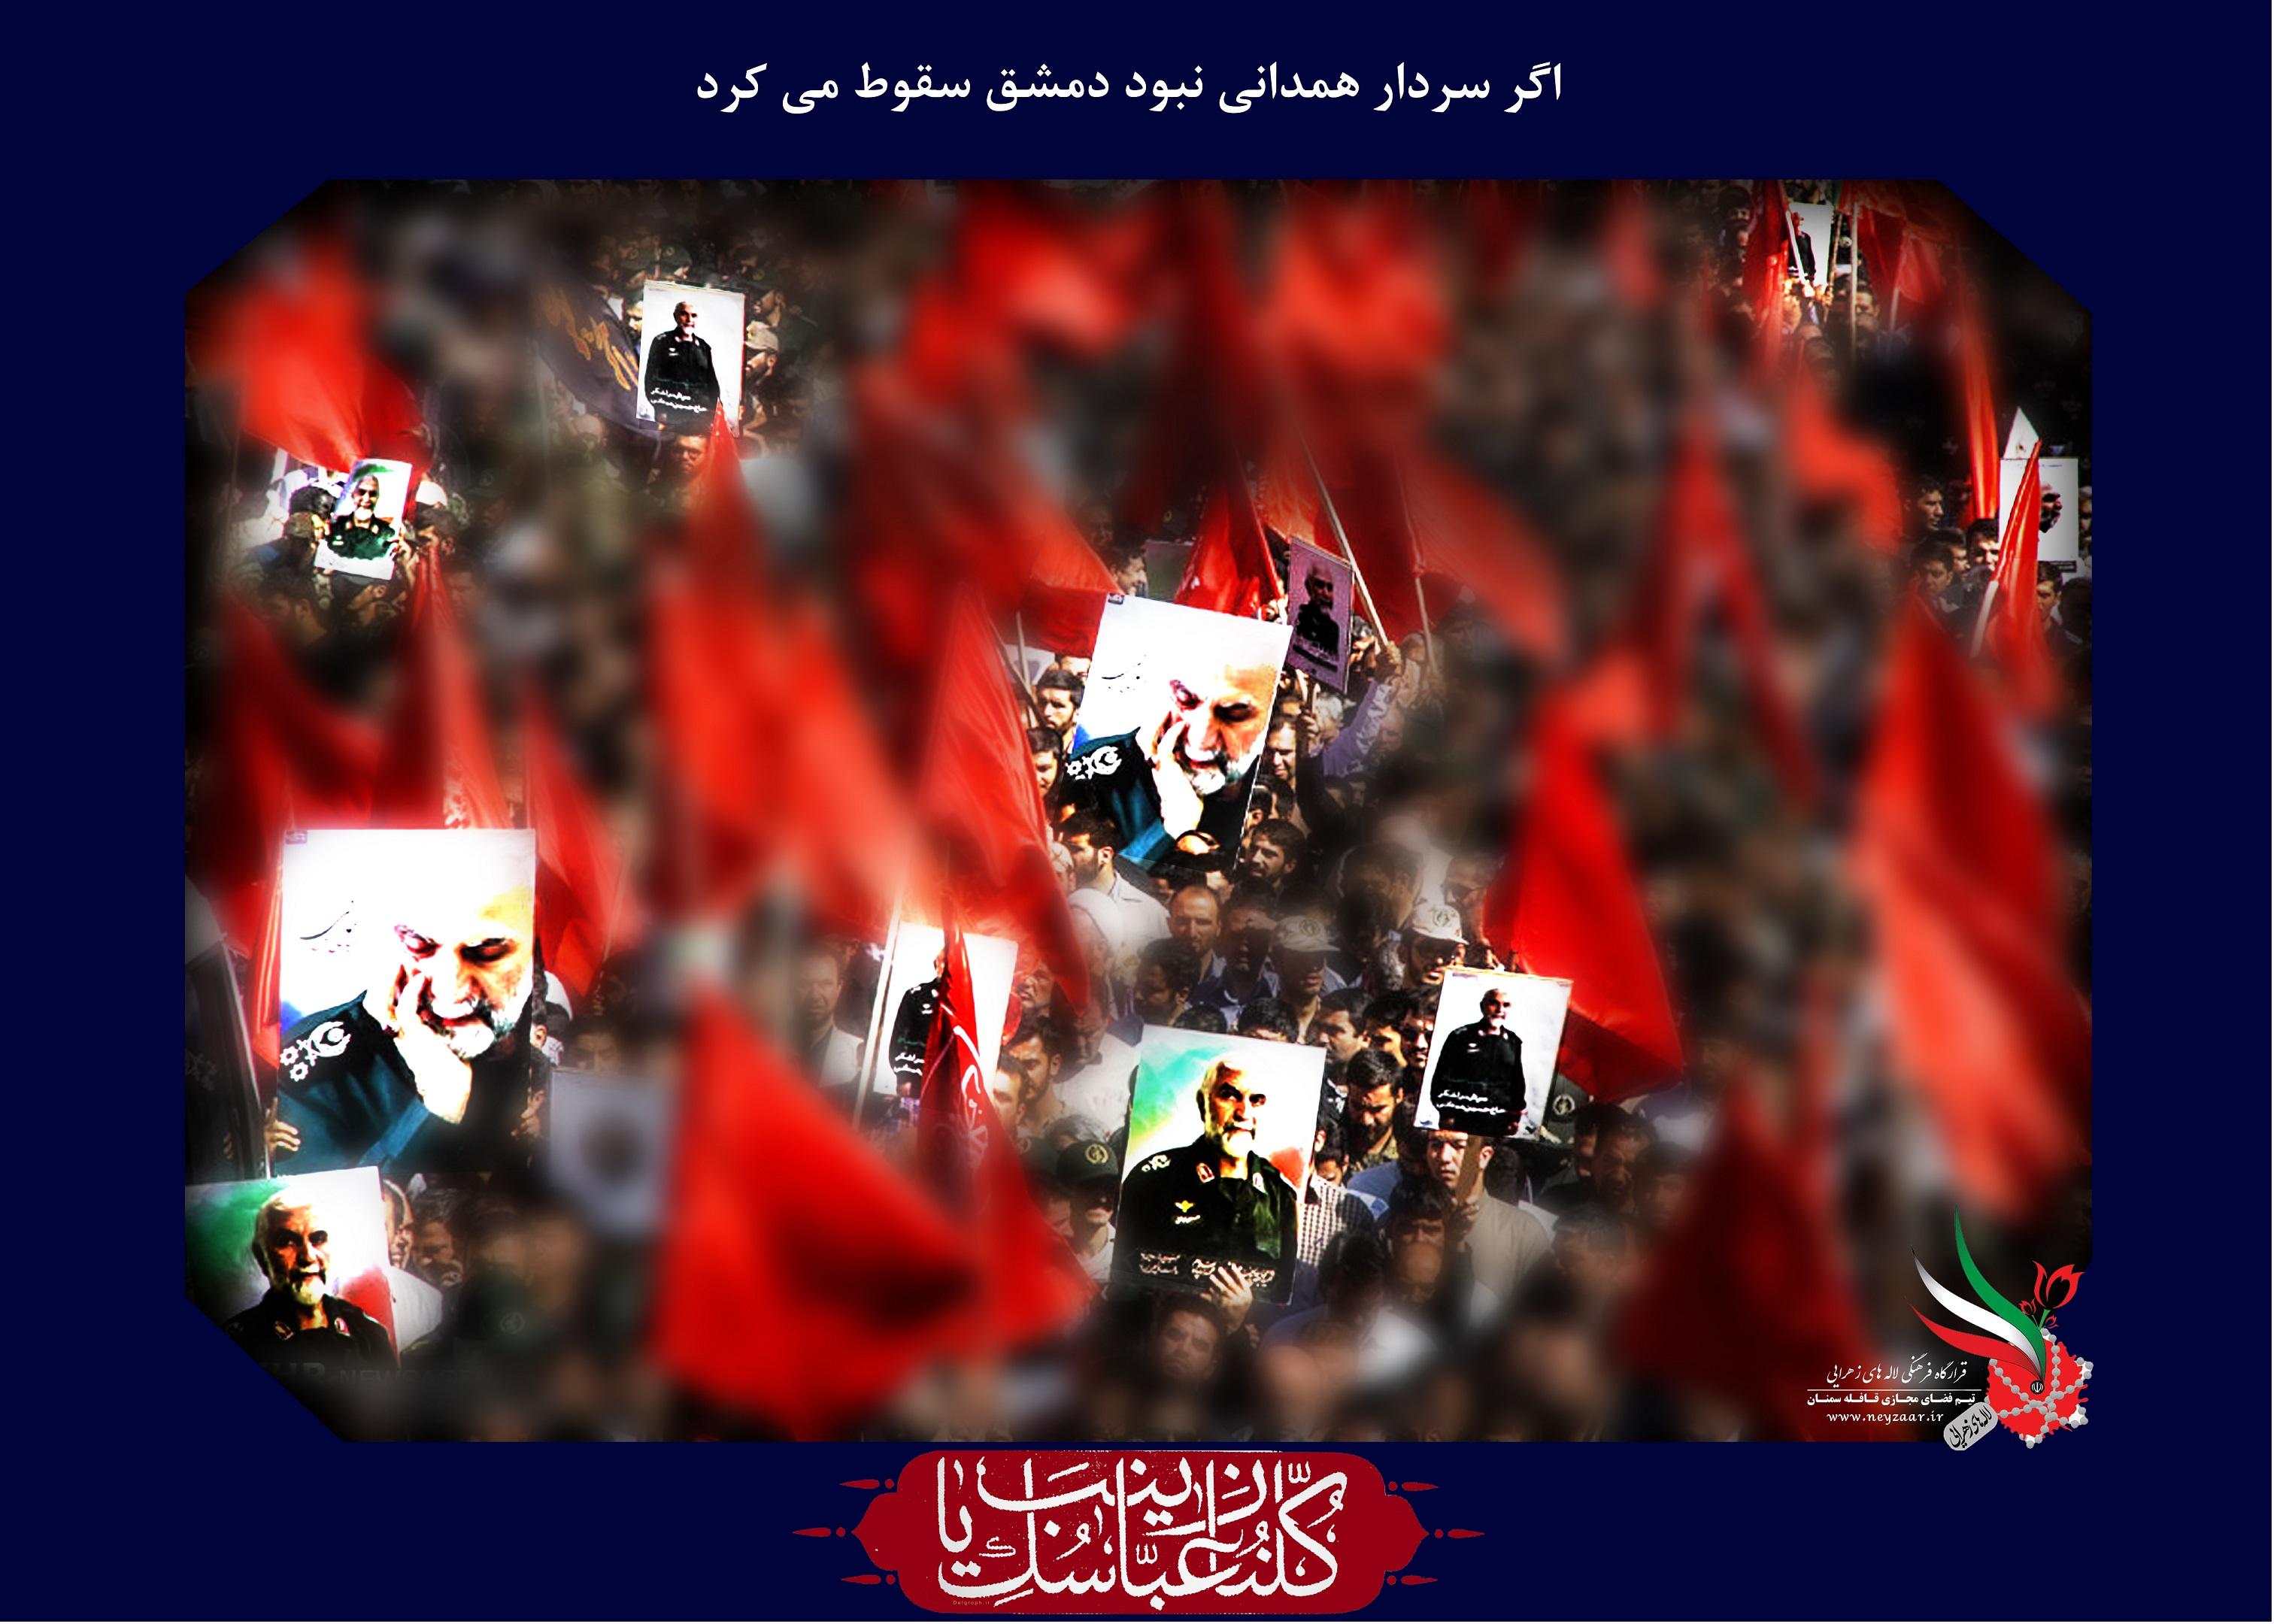 پوستر سردار شهید همدانی